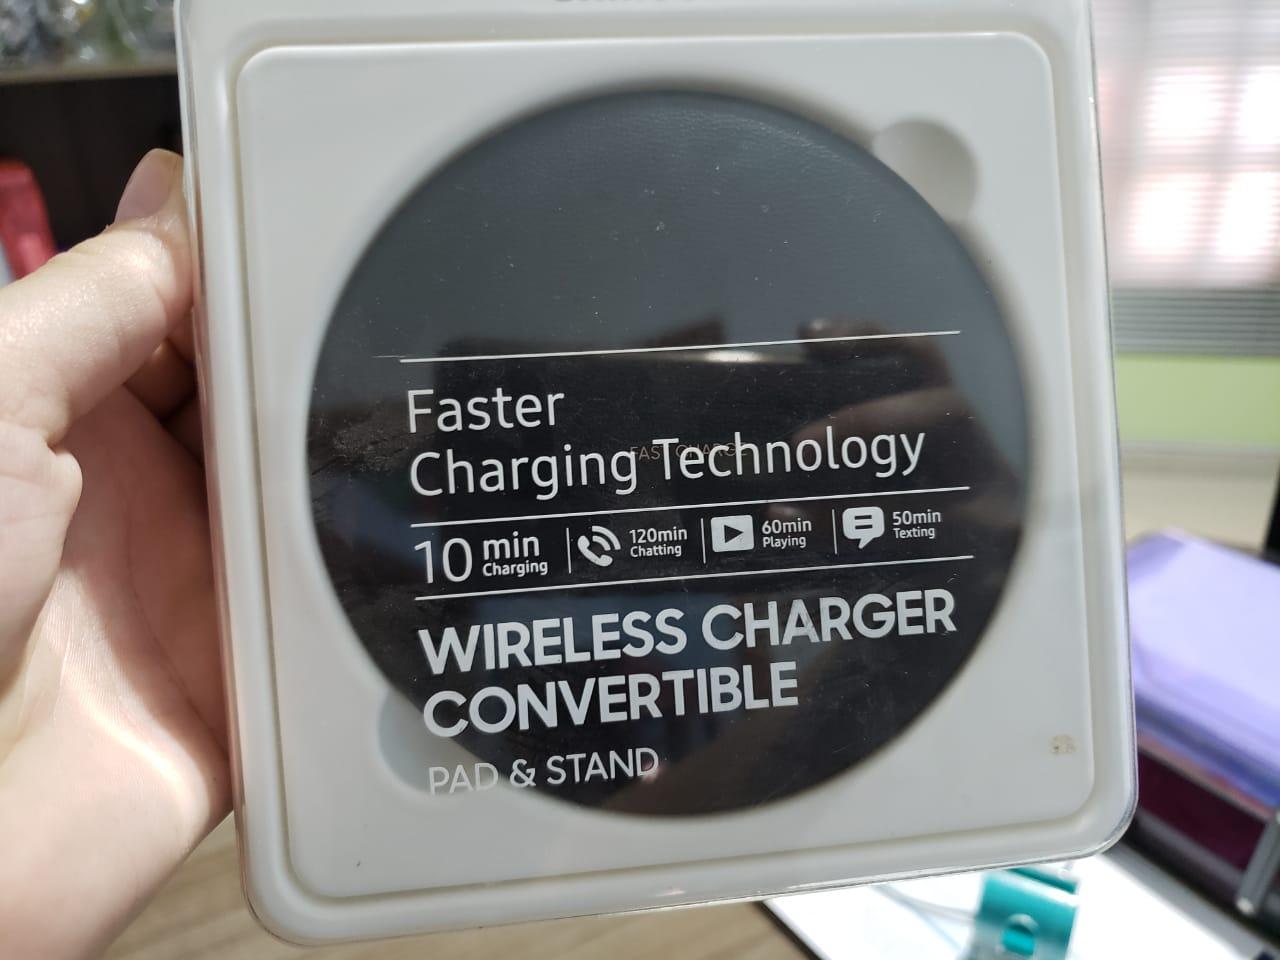 Vende-se Carregador Faster (rápido) Wireless Charger Convertible - Samsung original